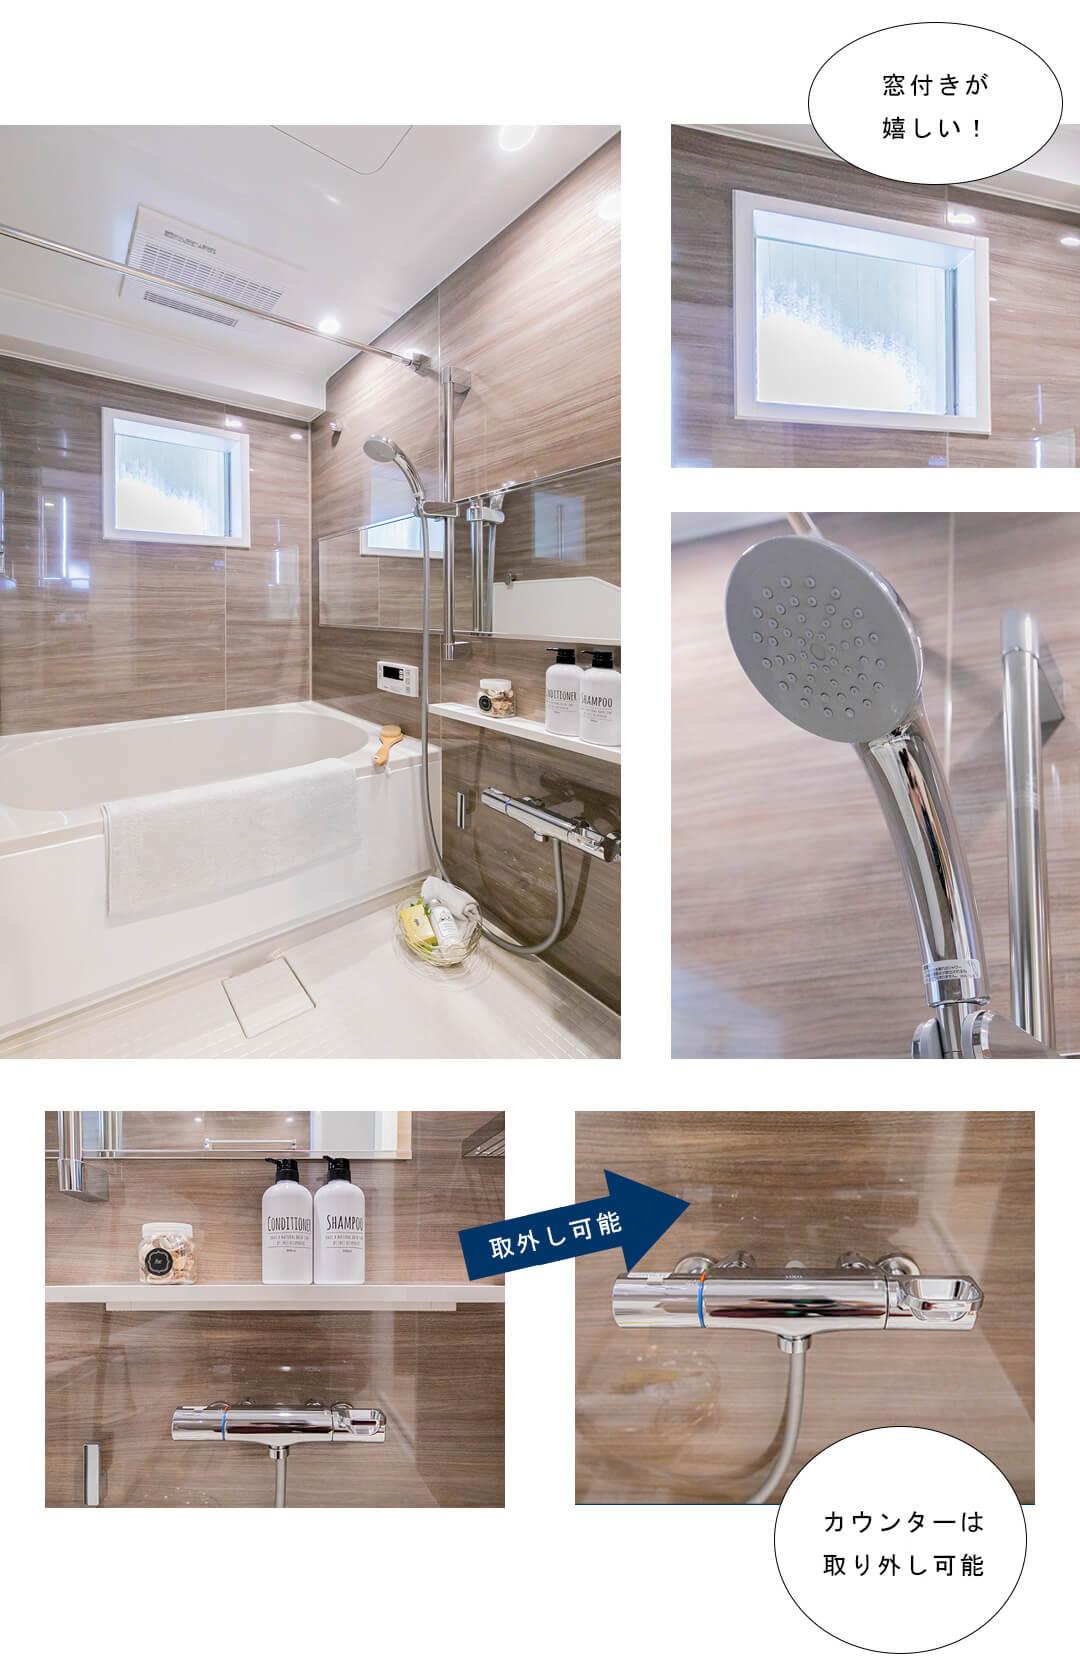 中銀目黒マンシオンの浴室